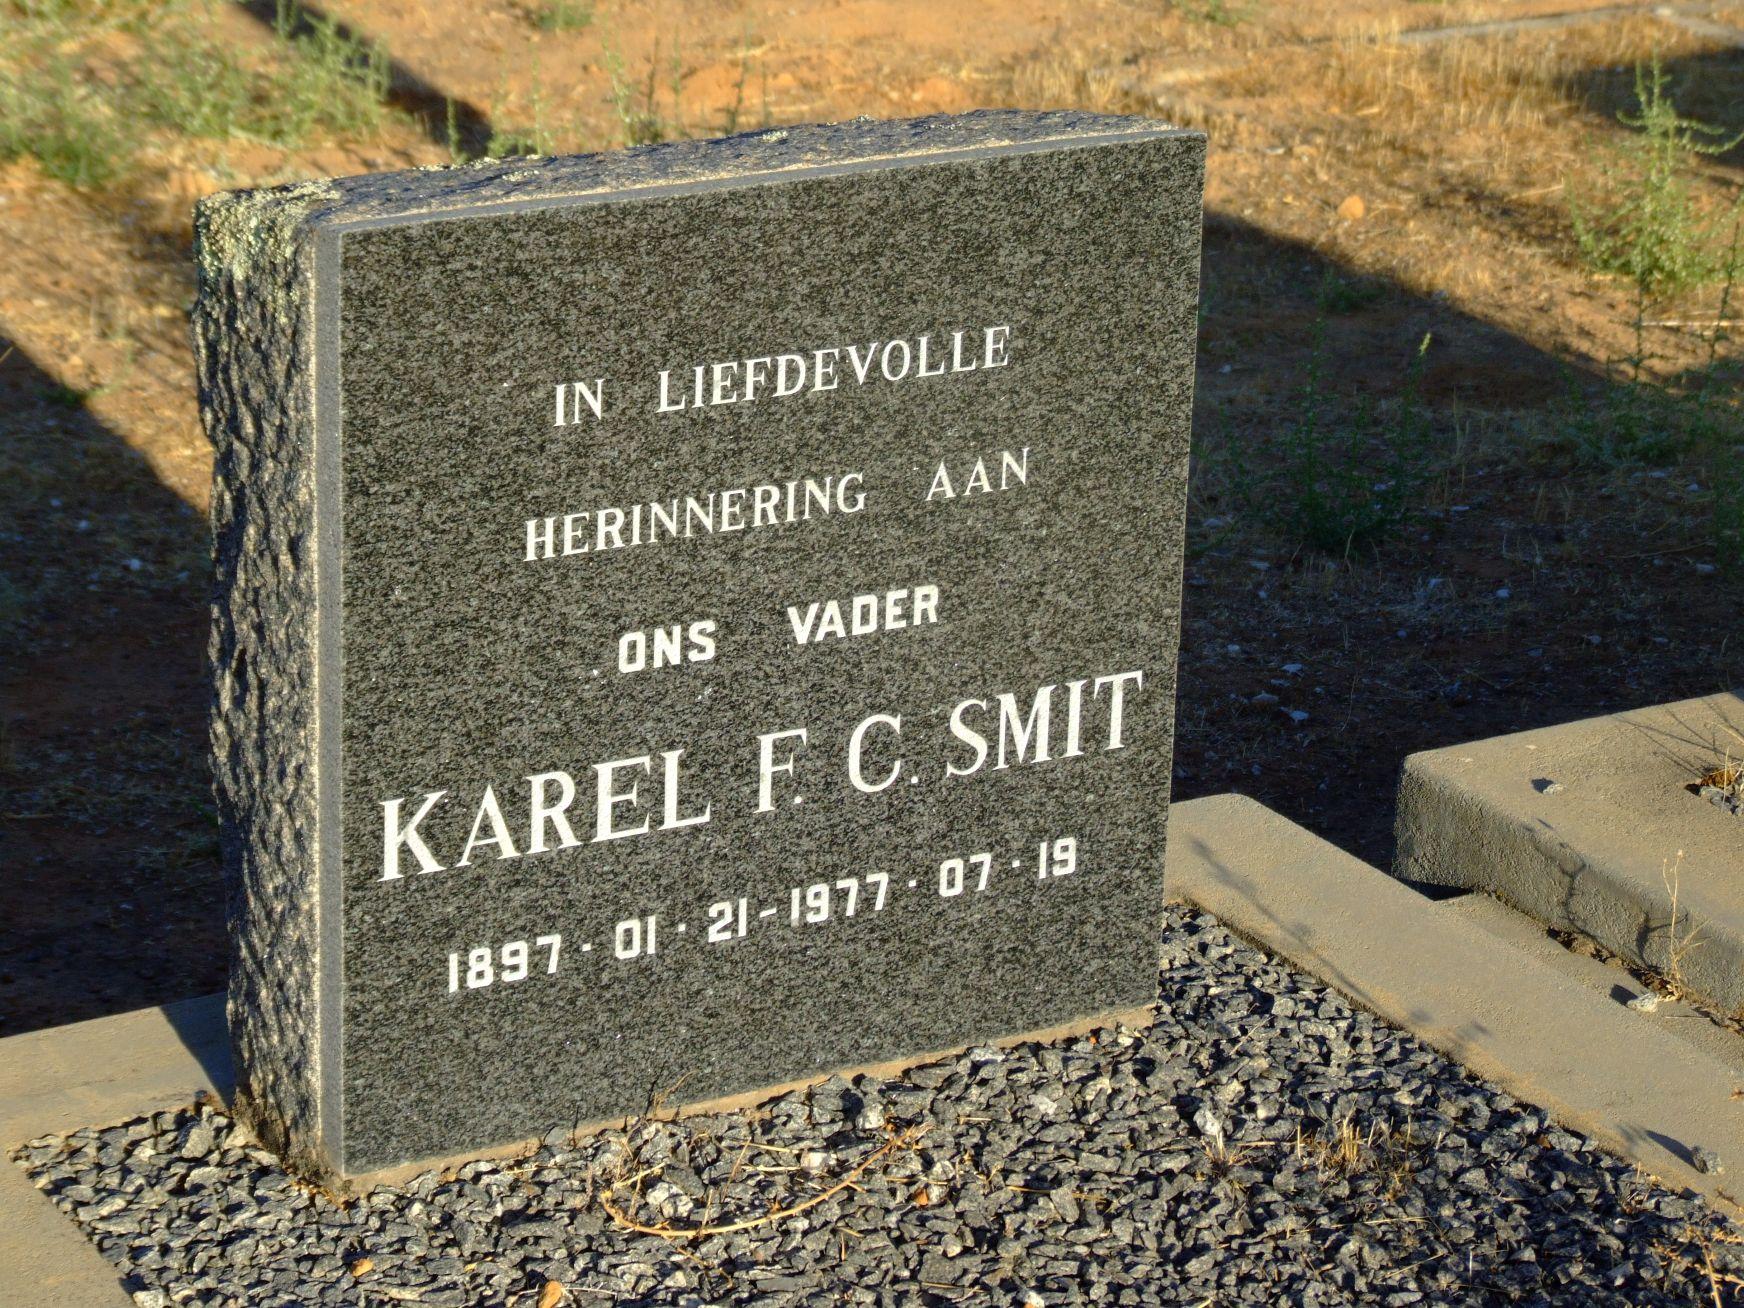 Smit Karel F C